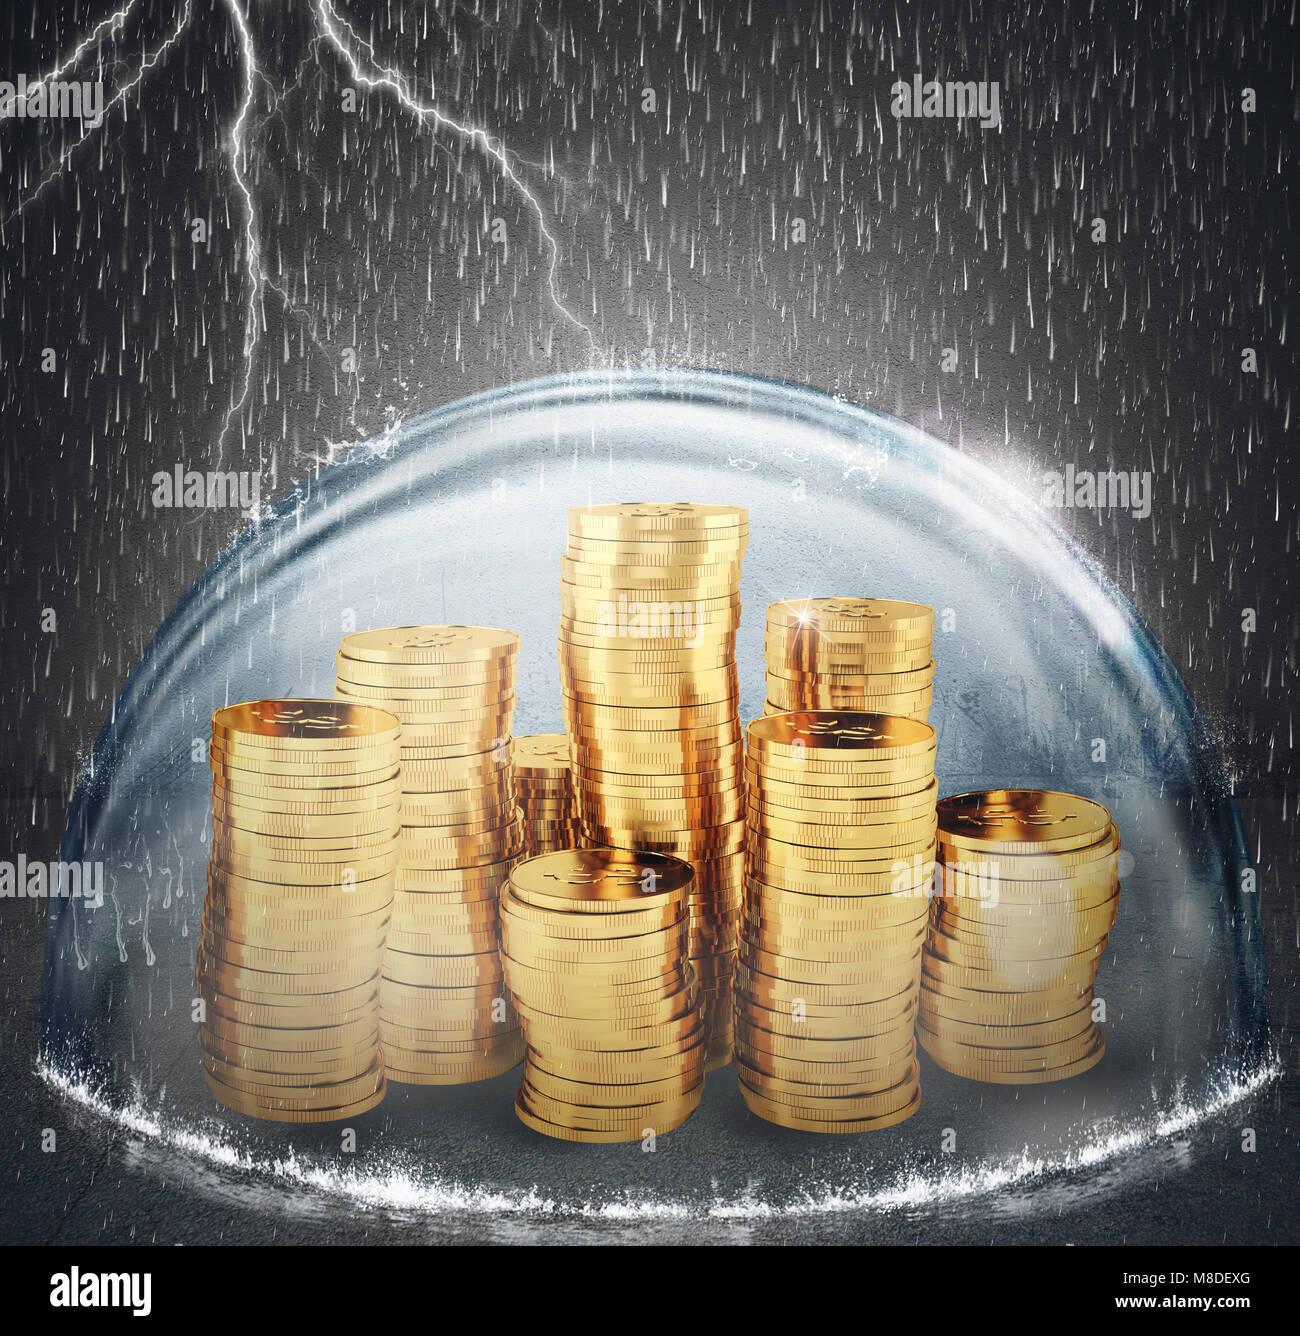 Schutz der Einlagen. Konzept der Versicherung und Geld. 3D-Rendering Stockbild